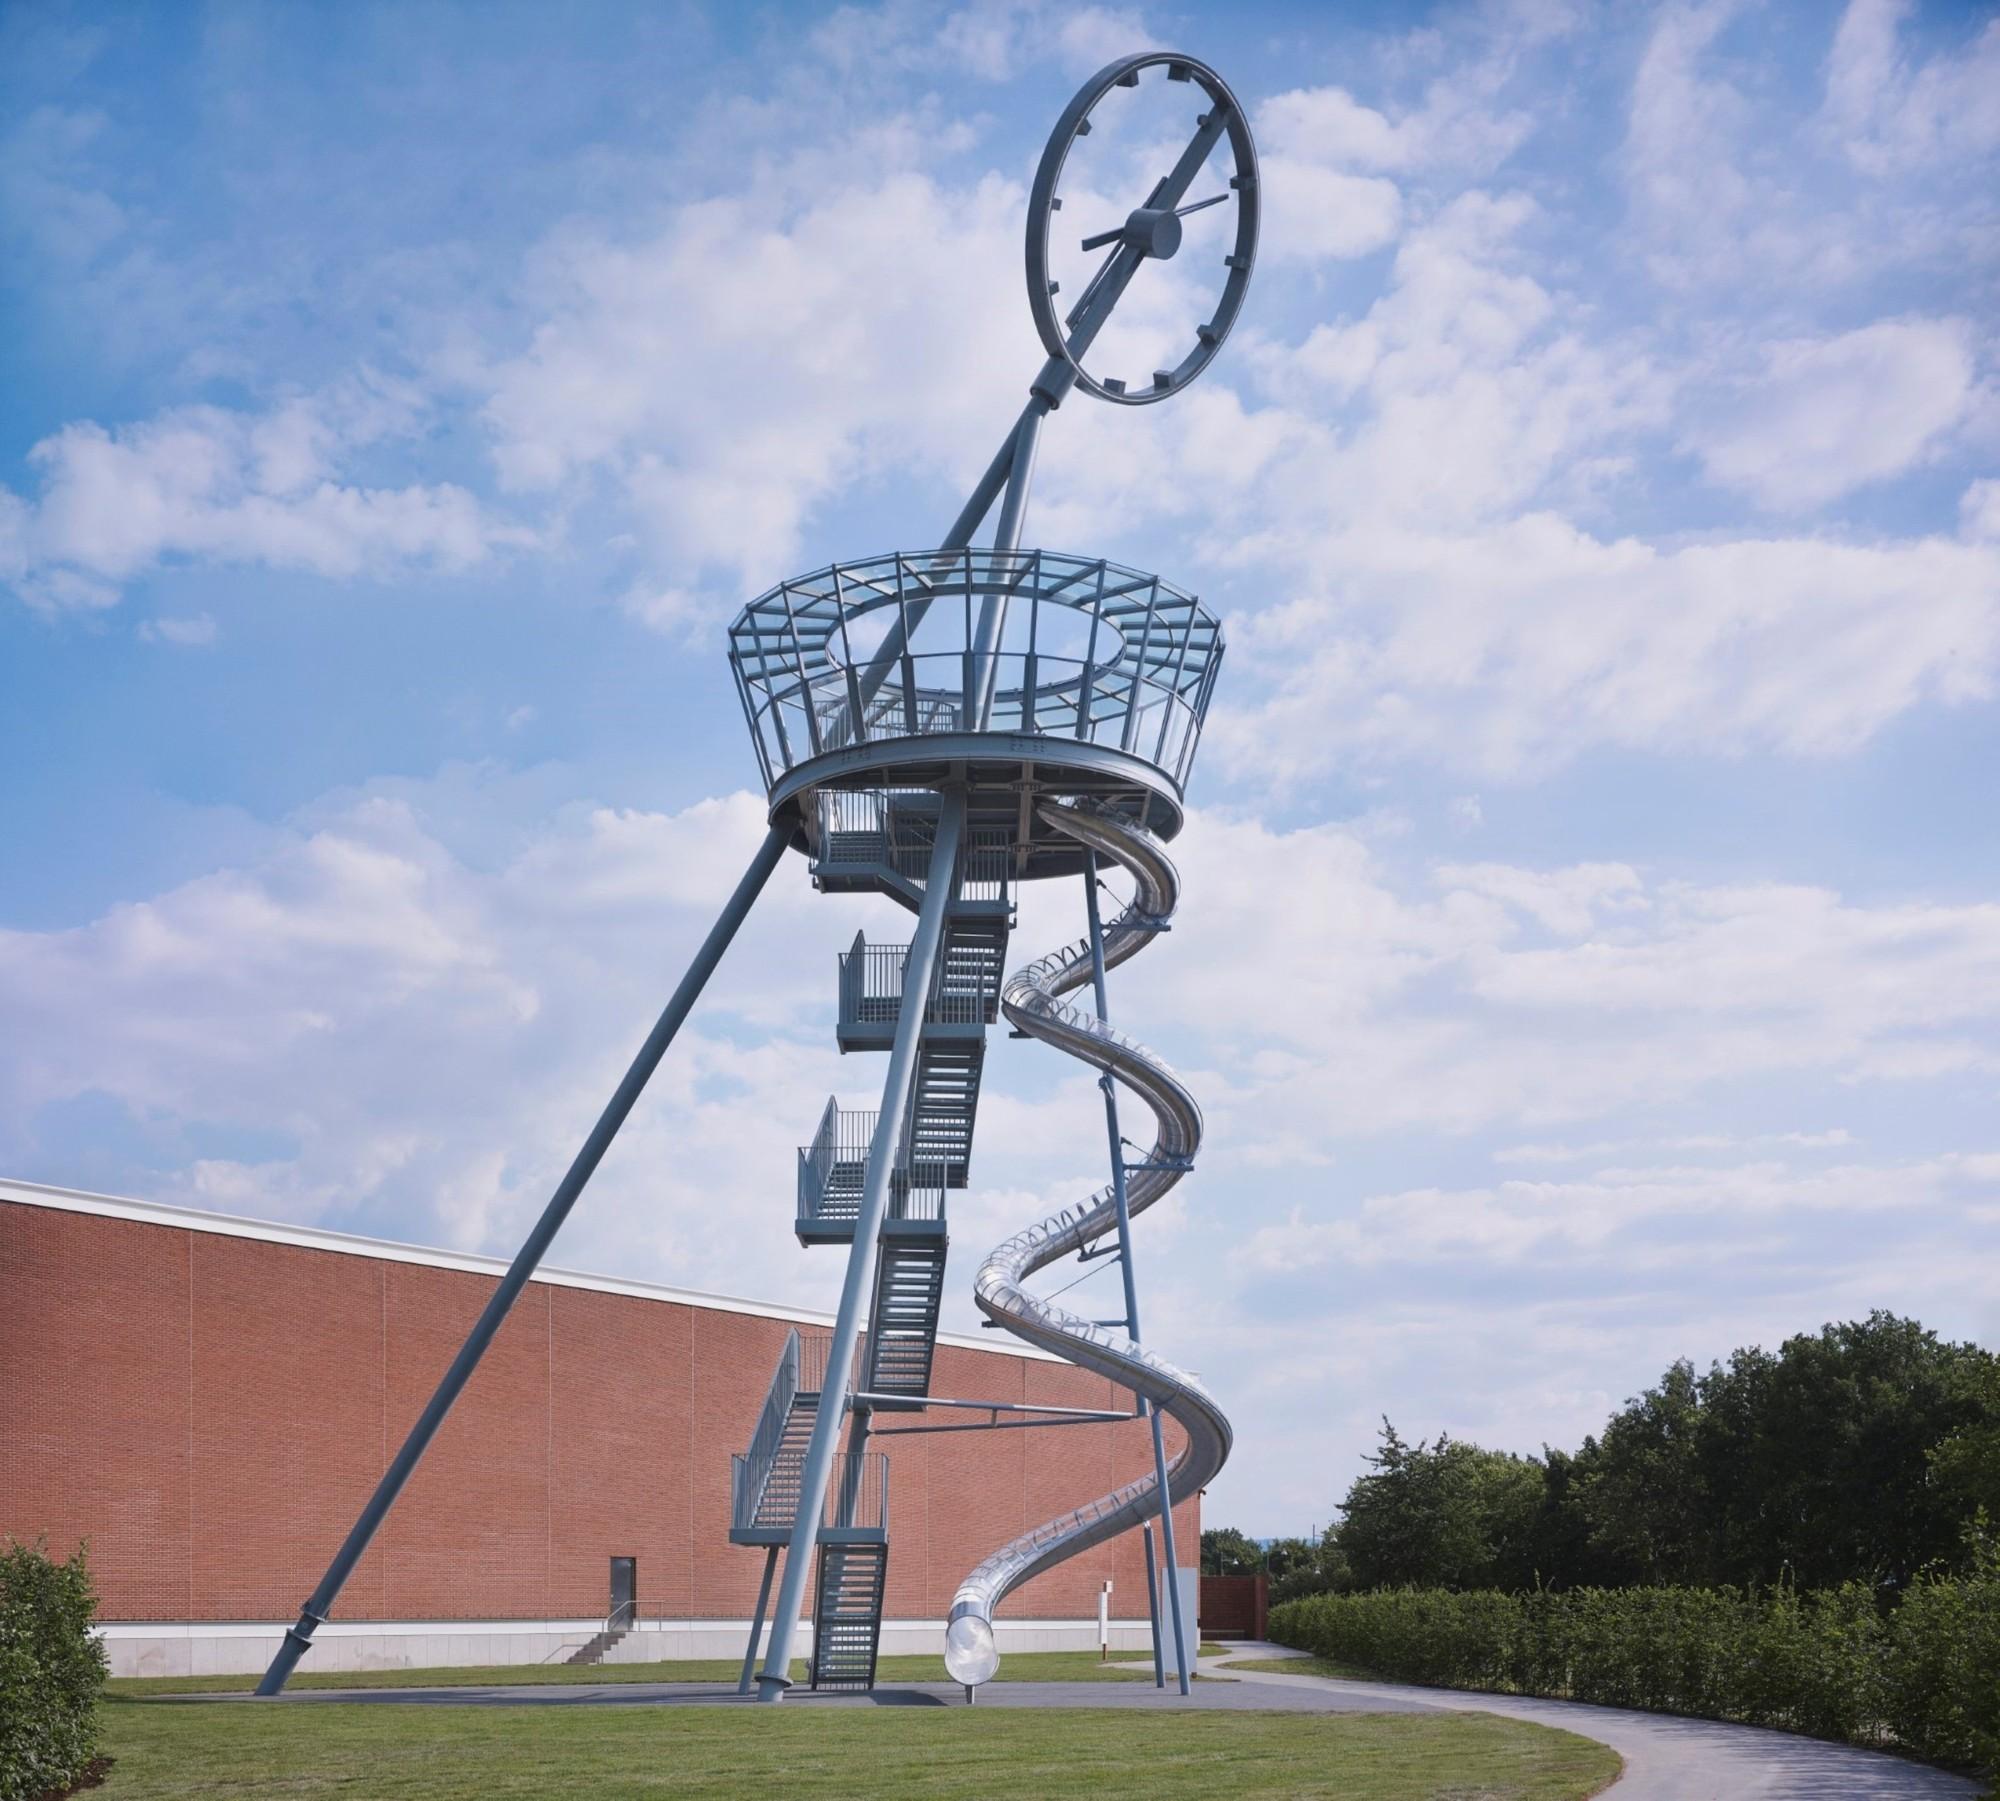 Vitra Campus instala una Torre mirador con un tobogán, Vitra Slide Tower / Carsten Höller. Imagen © Vitra